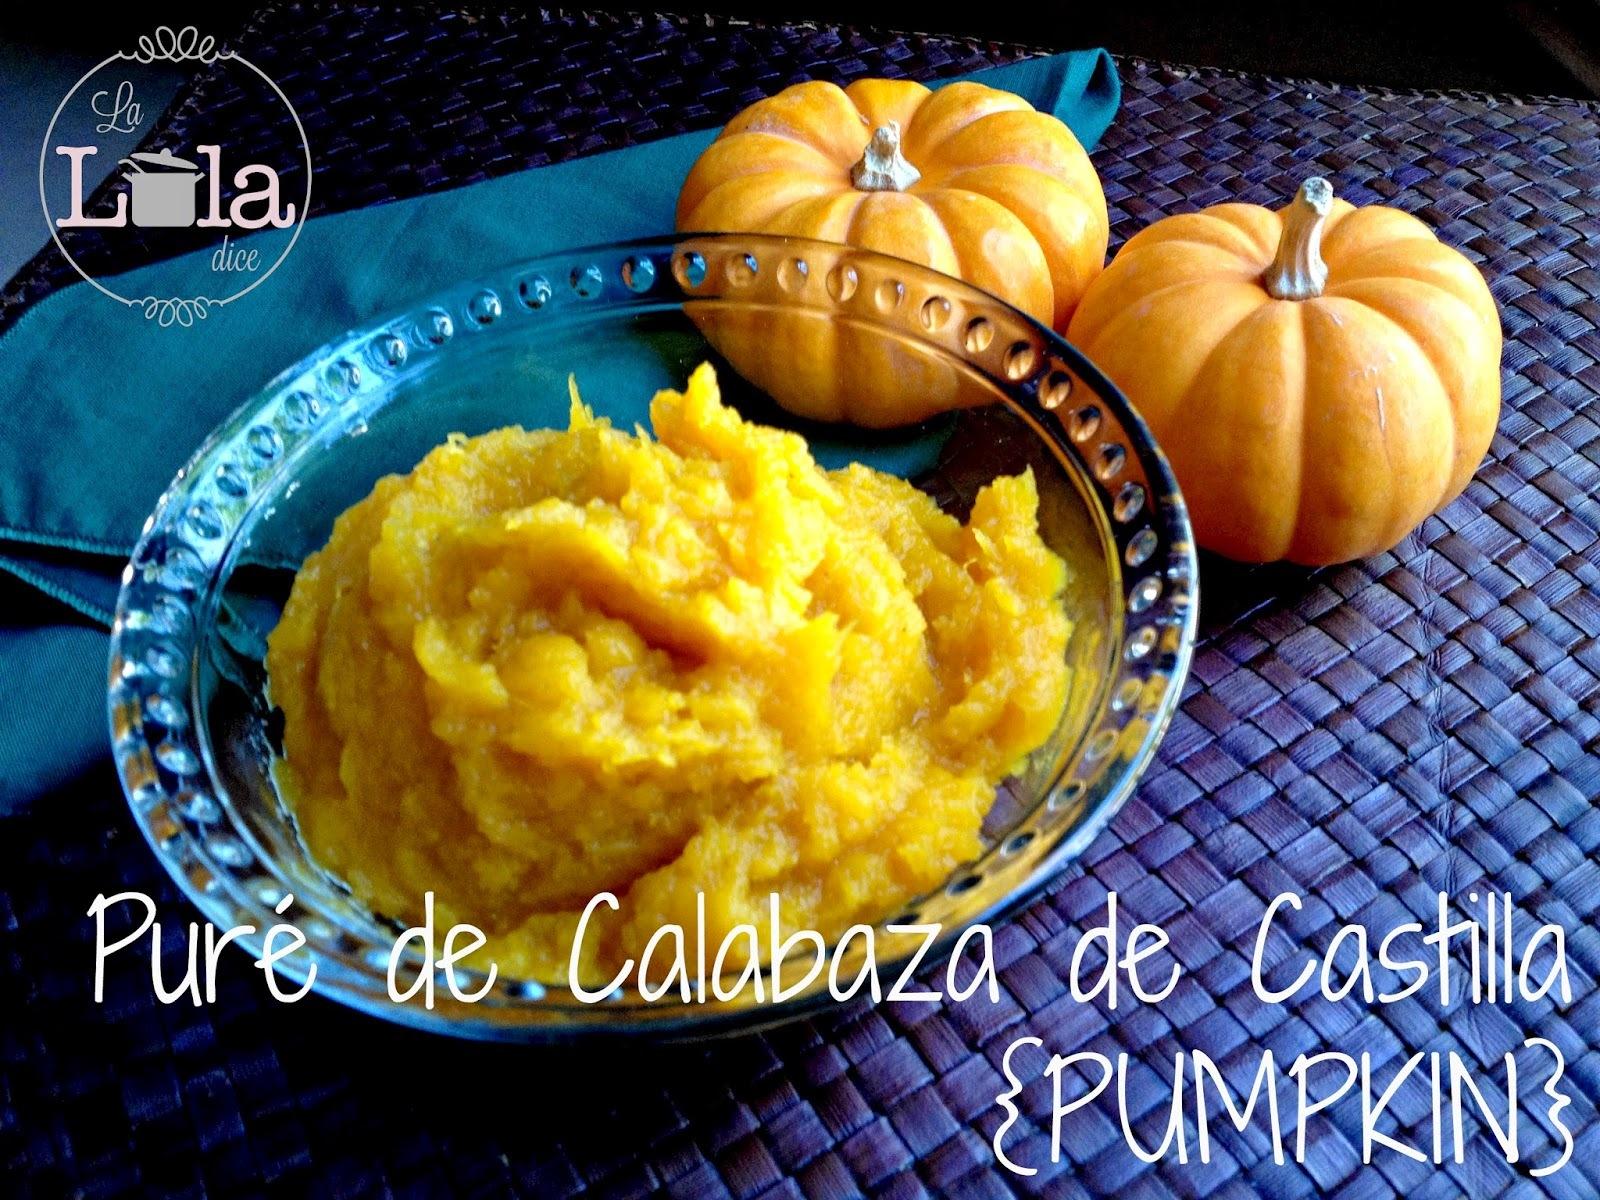 Puré de Calabaza de Castilla, mejor conocida como PUMPKIN